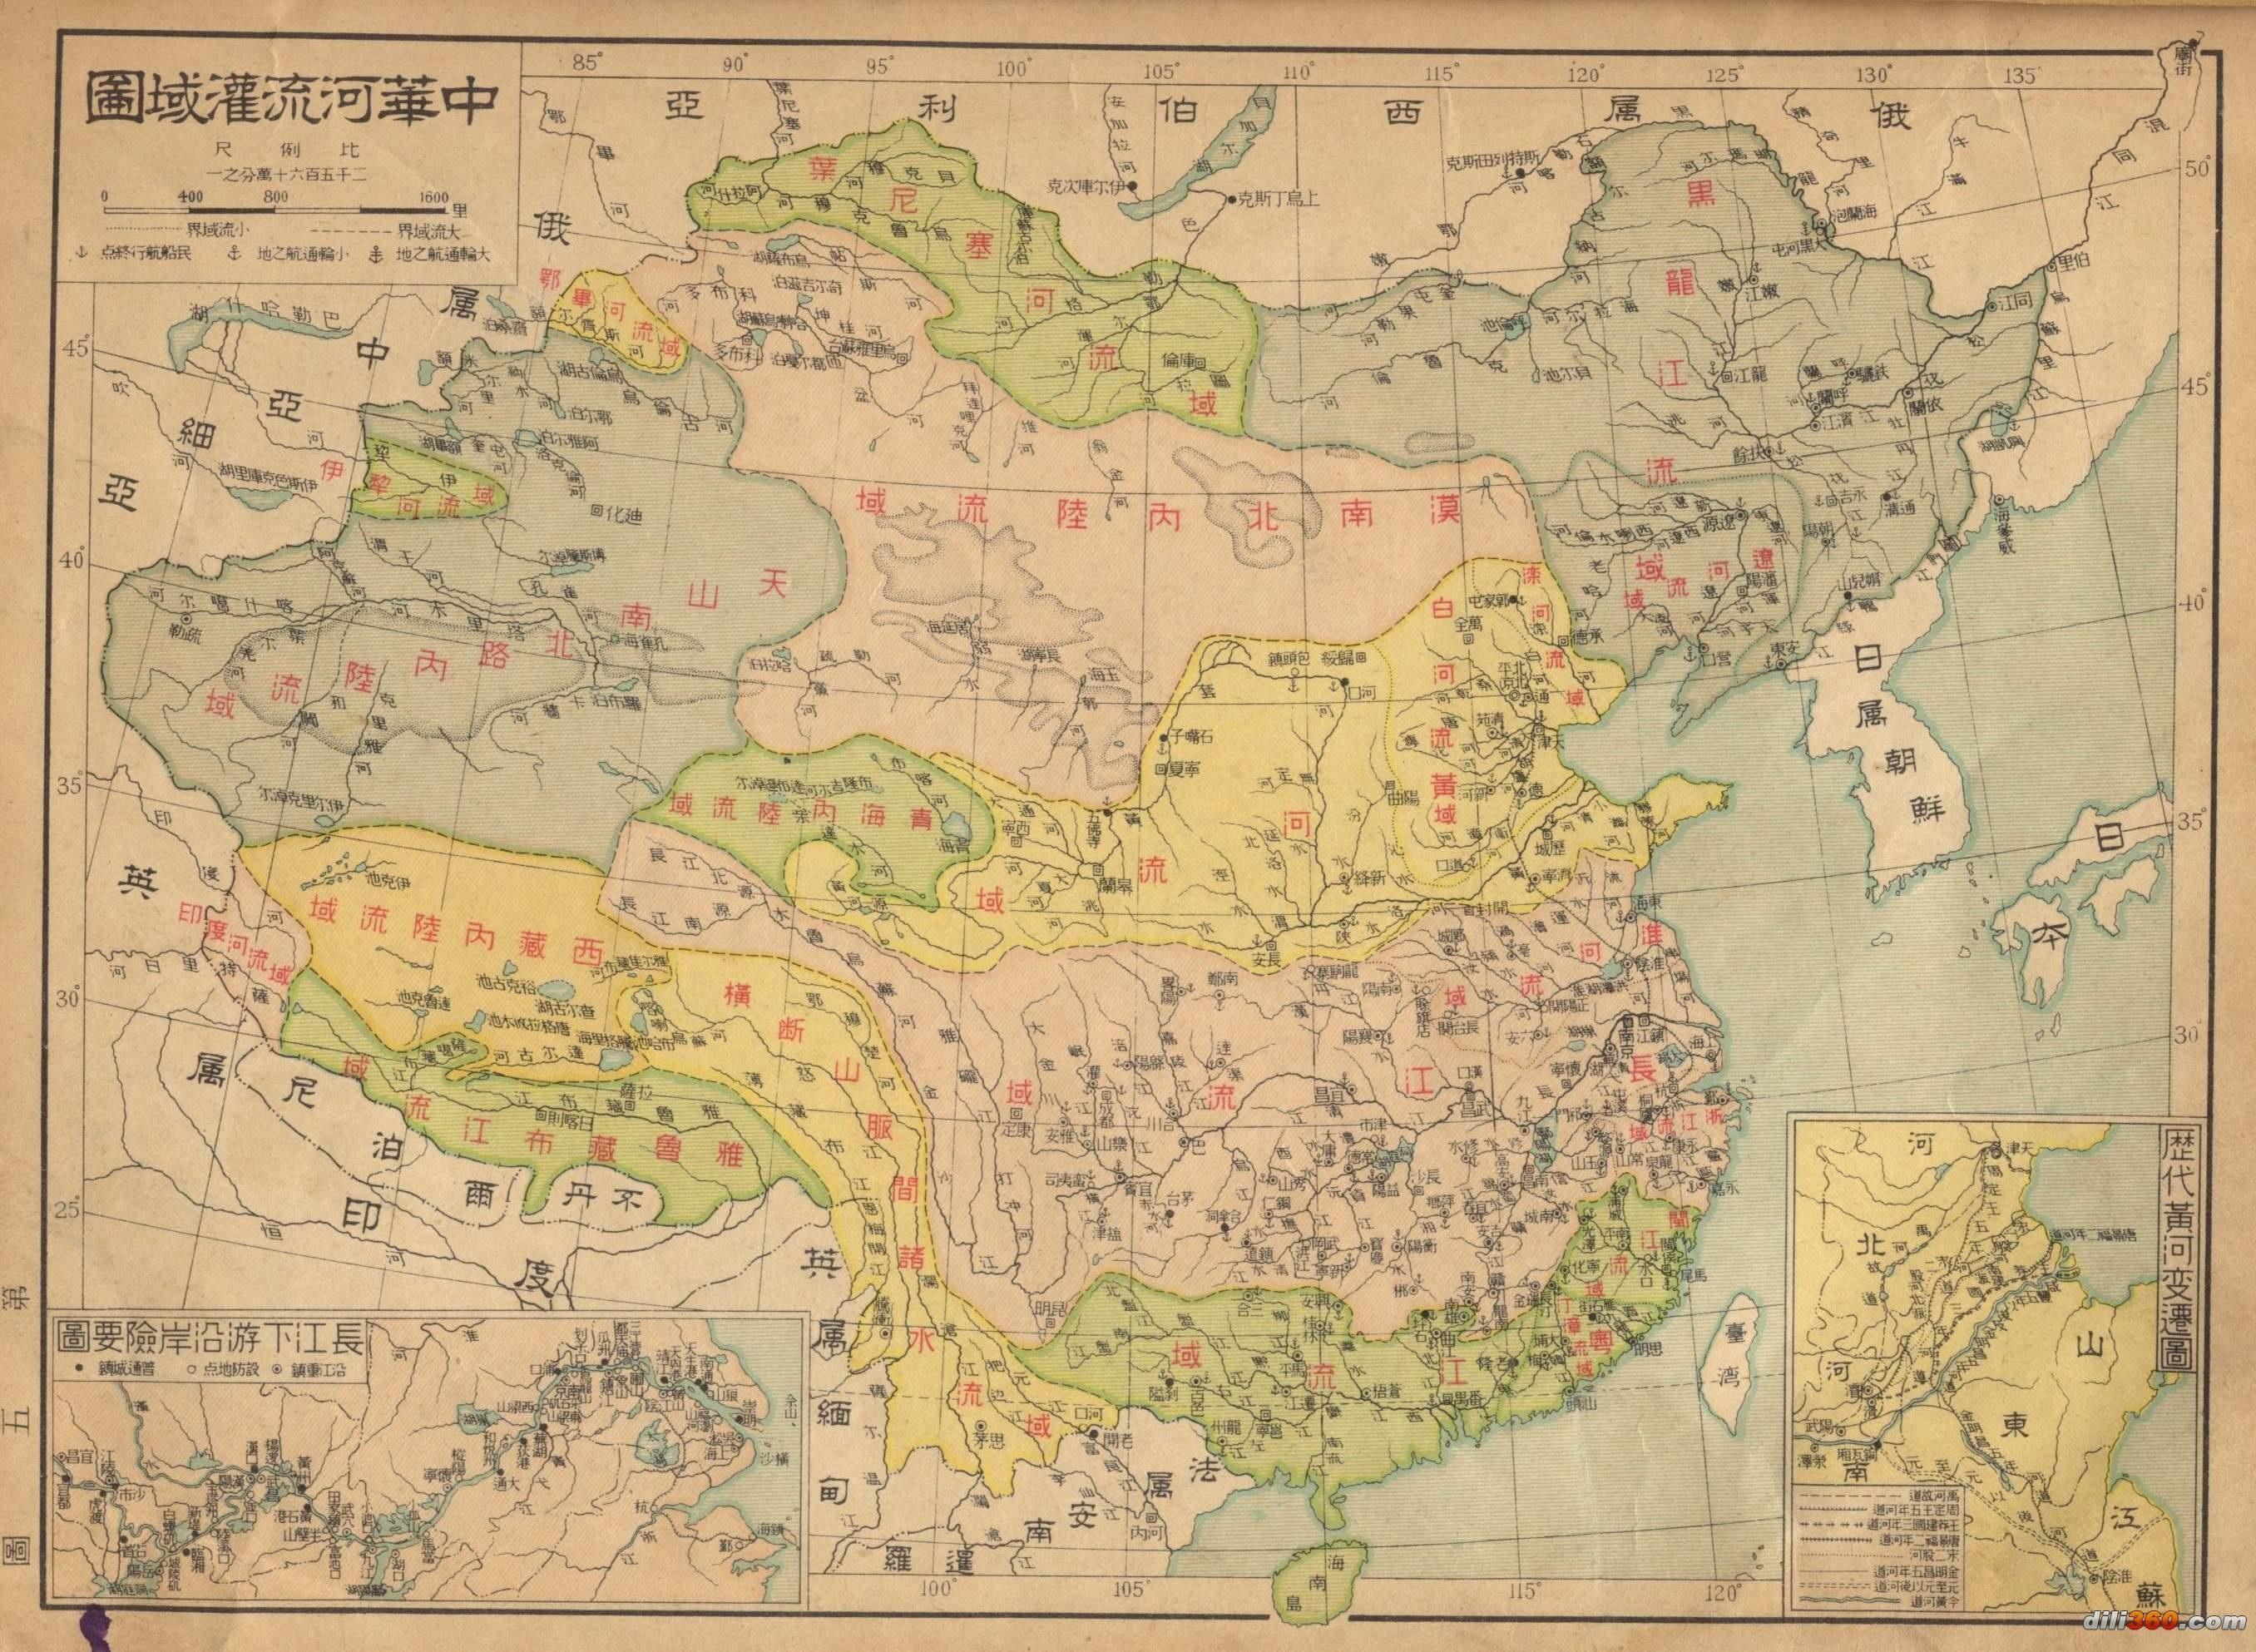 當然,為了經營西域和遼河平原,歷代有時向河西走廊和遼西走廊延伸.圖片